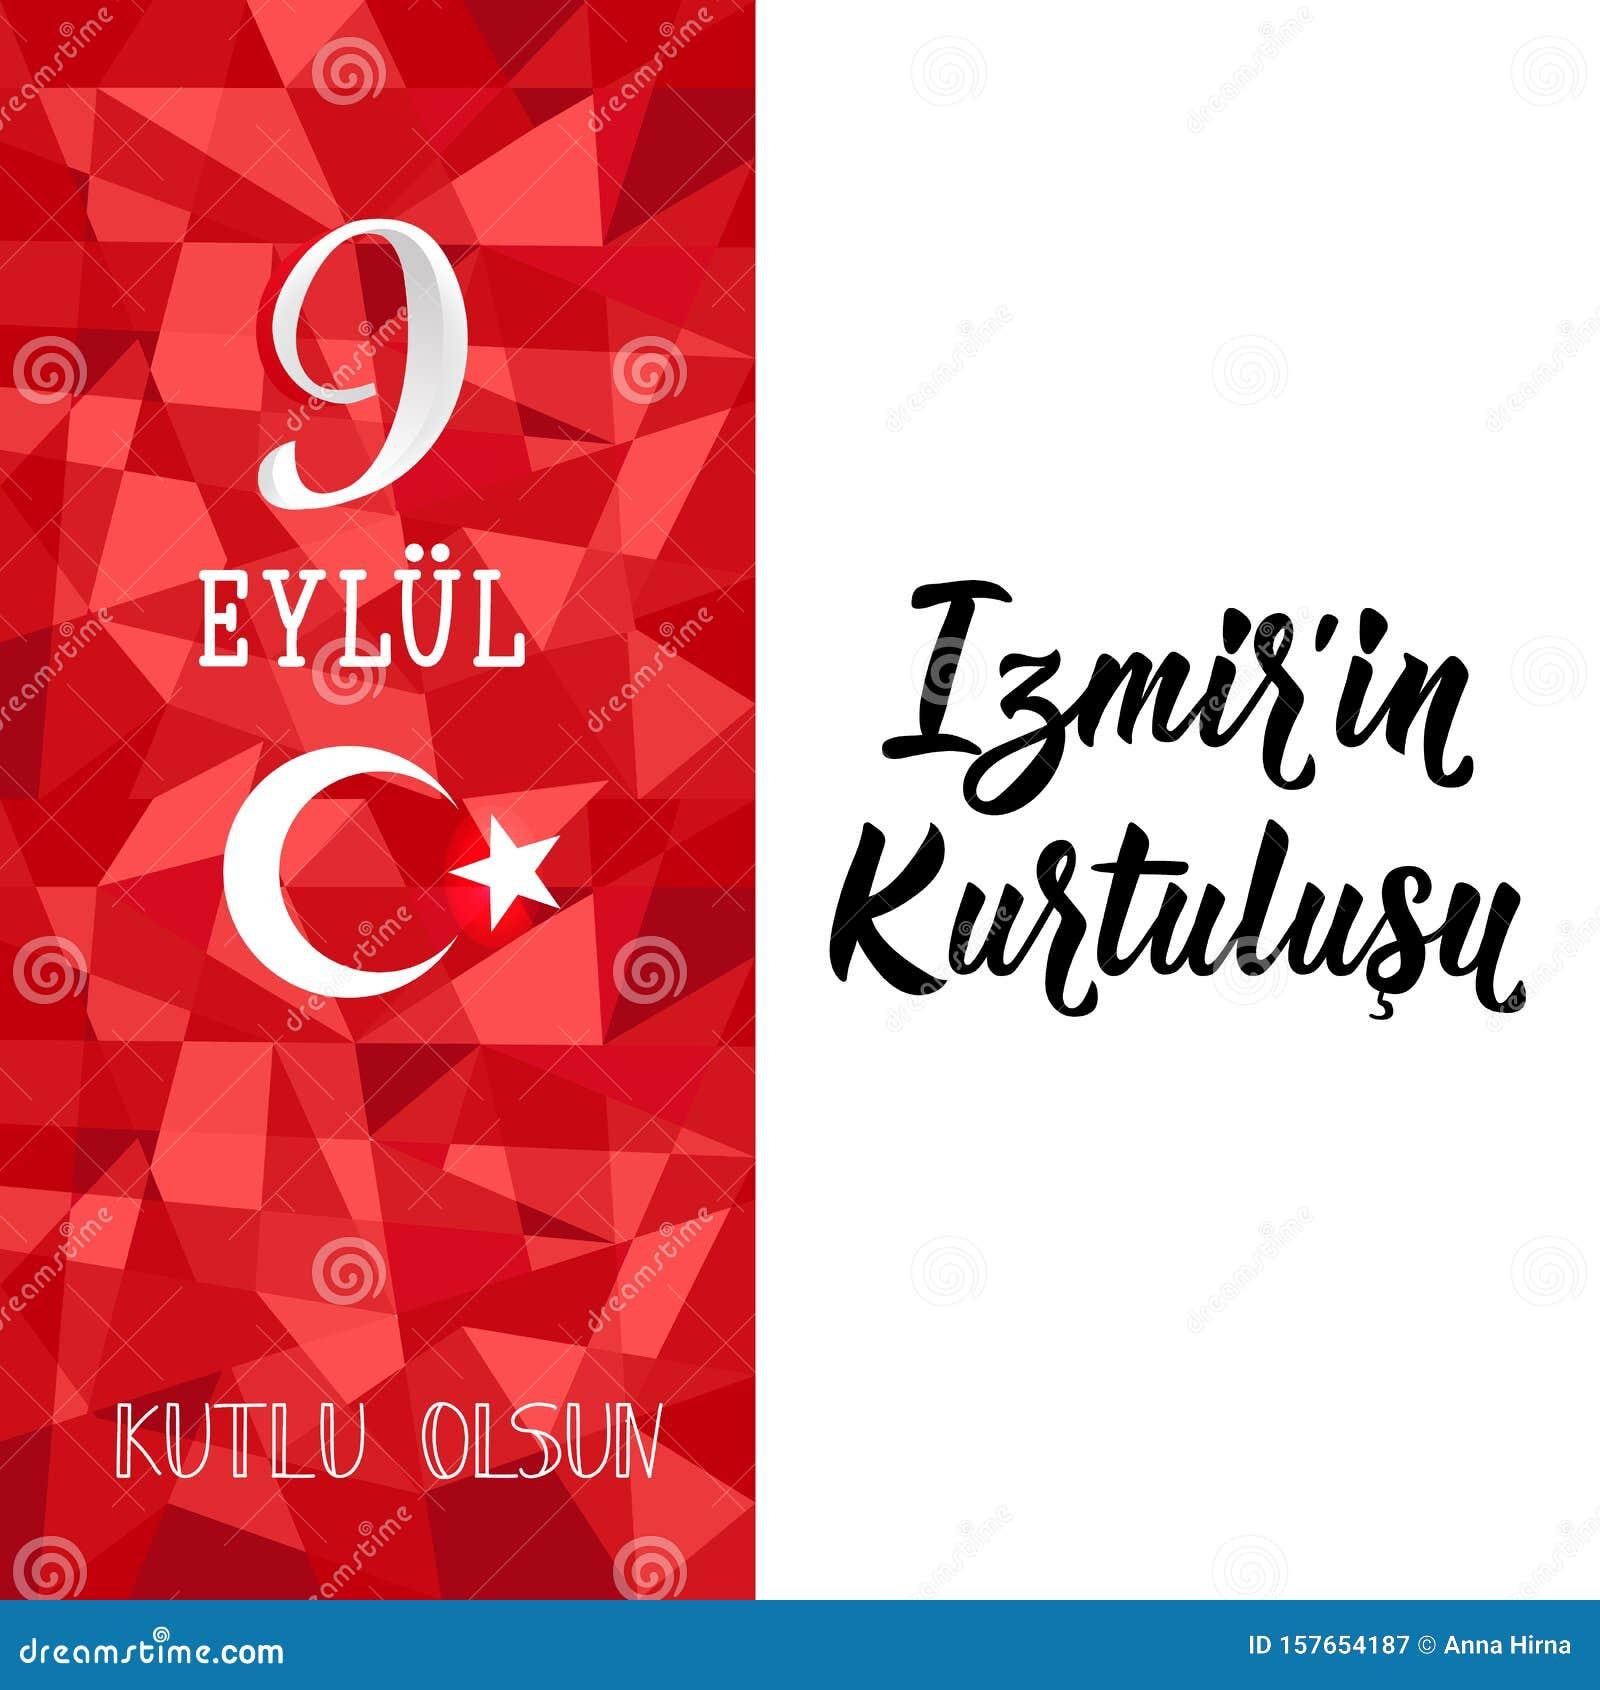 Izmir Stock Illustrations 703 Izmir Stock Illustrations Vectors Clipart Dreamstime